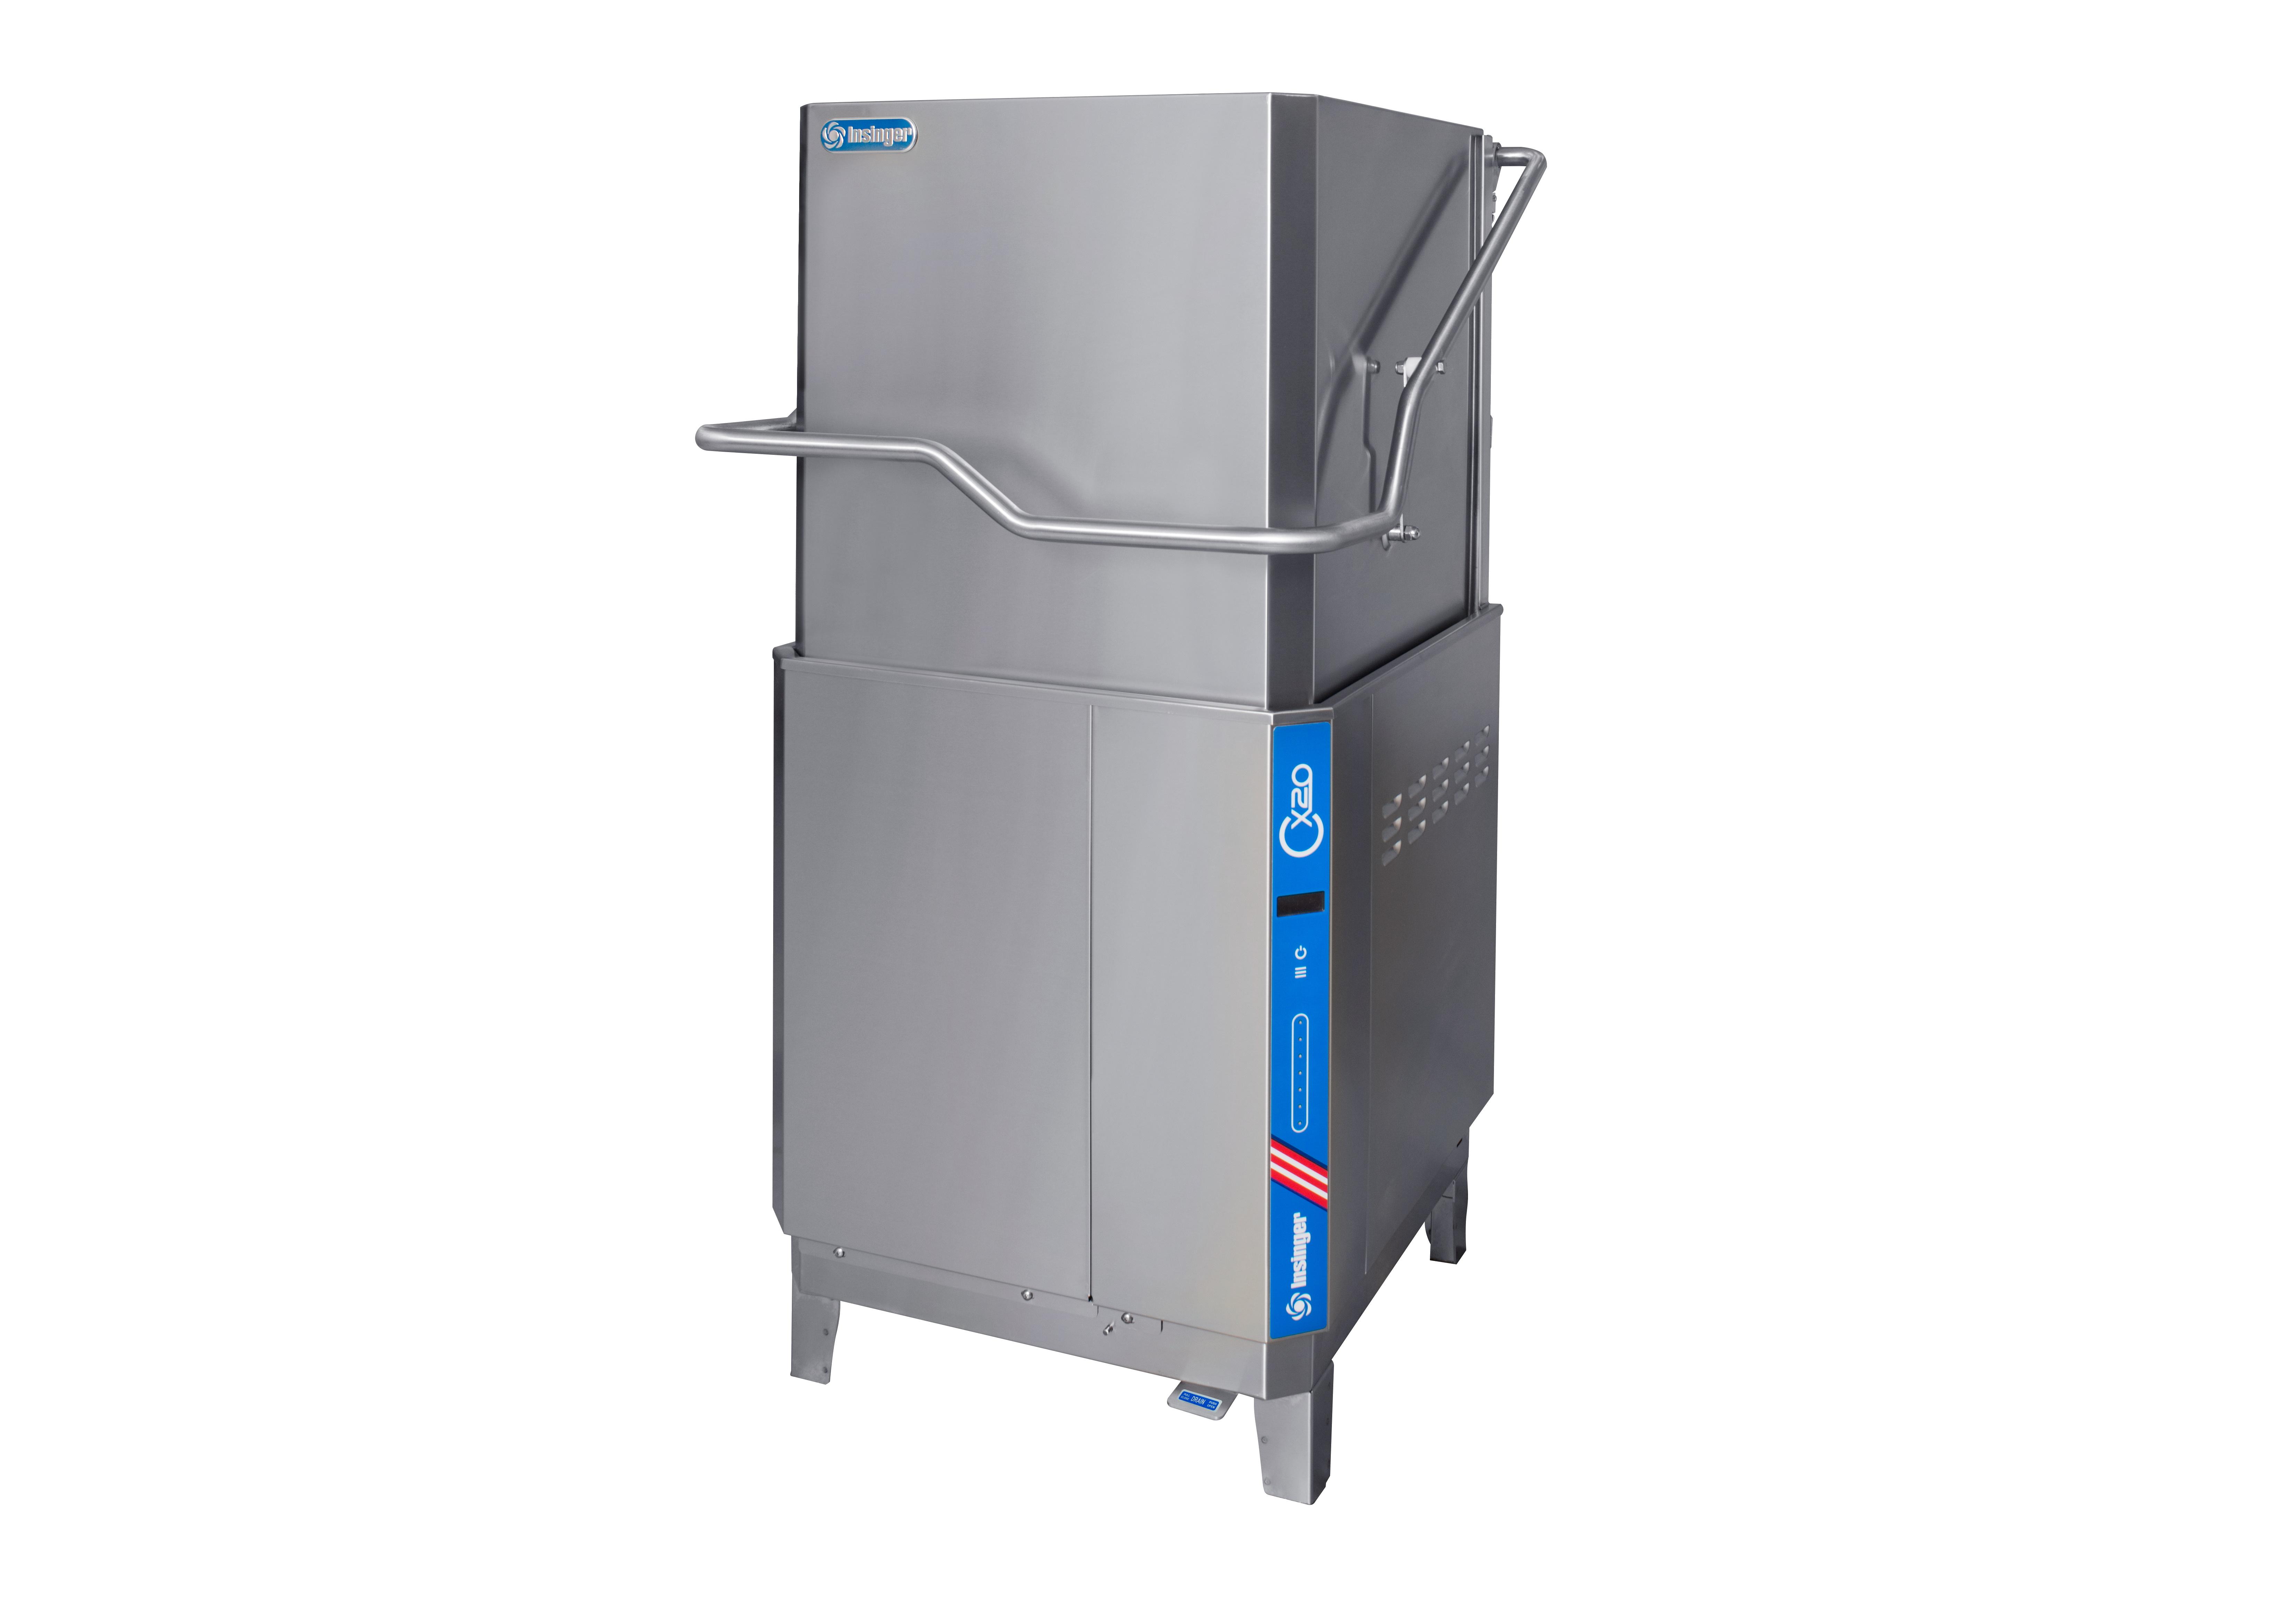 pump in dishwasher